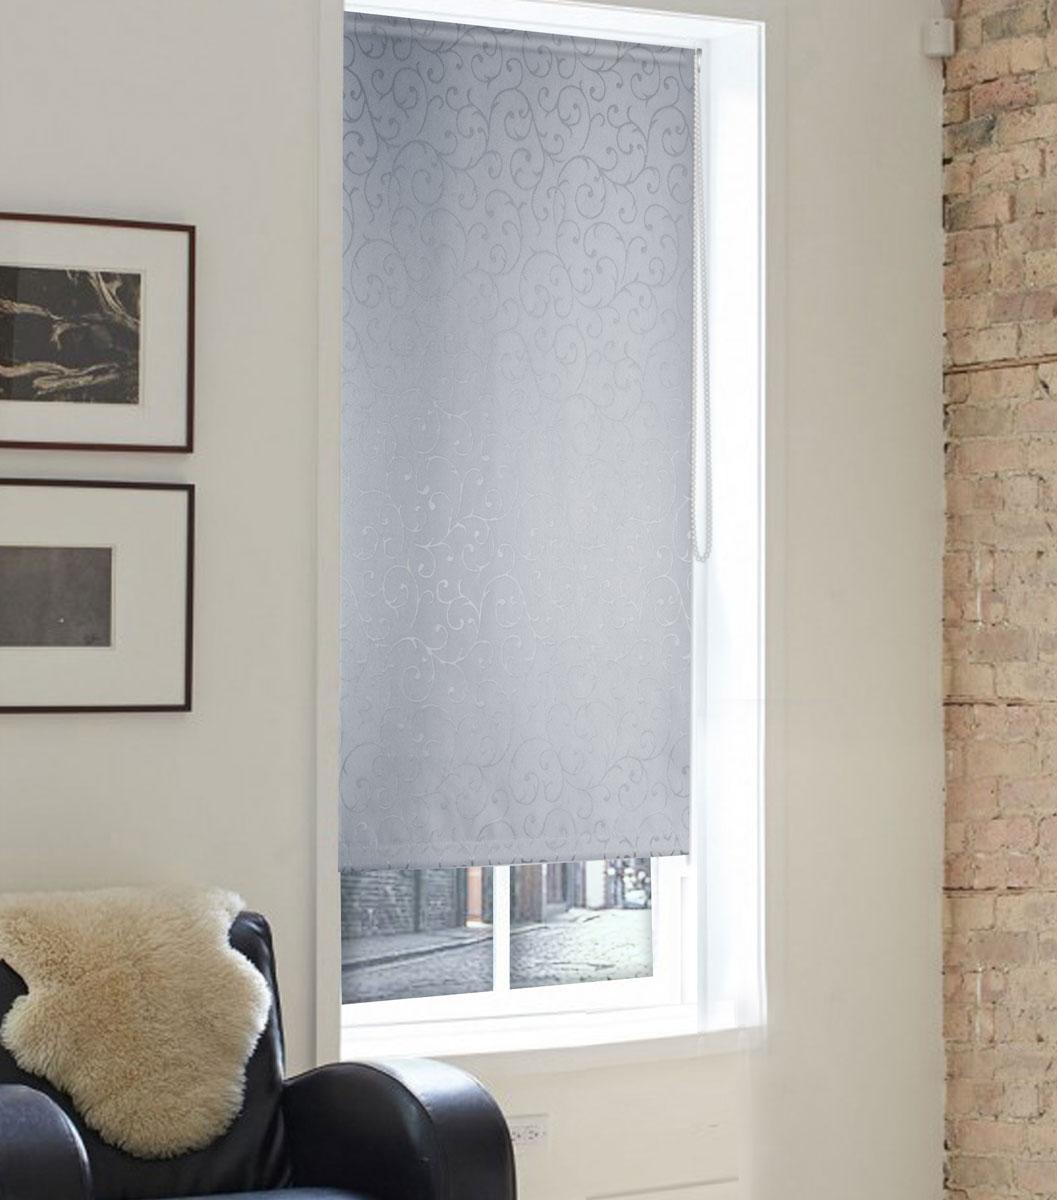 Штора рулонная Эскар Миниролло. Агат, фактурная, цвет: серый, ширина 57 см, высота 160 см1004900000360Рулонная штора Эскар Миниролло. Агат выполнена из высокопрочной ткани, которая сохраняет свой размер даже при намокании. Ткань не выцветает и обладает отличной цветоустойчивостью.Миниролло - это подвид рулонных штор, который закрывает не весь оконный проем, а непосредственно само стекло. Такие шторы крепятся на раму без сверления при помощи зажимов или клейкой двухсторонней ленты. Окно остается на гарантии, благодаря монтажу без сверления. Такая штора станет прекрасным элементом декора окна и гармонично впишется в интерьер любого помещения.